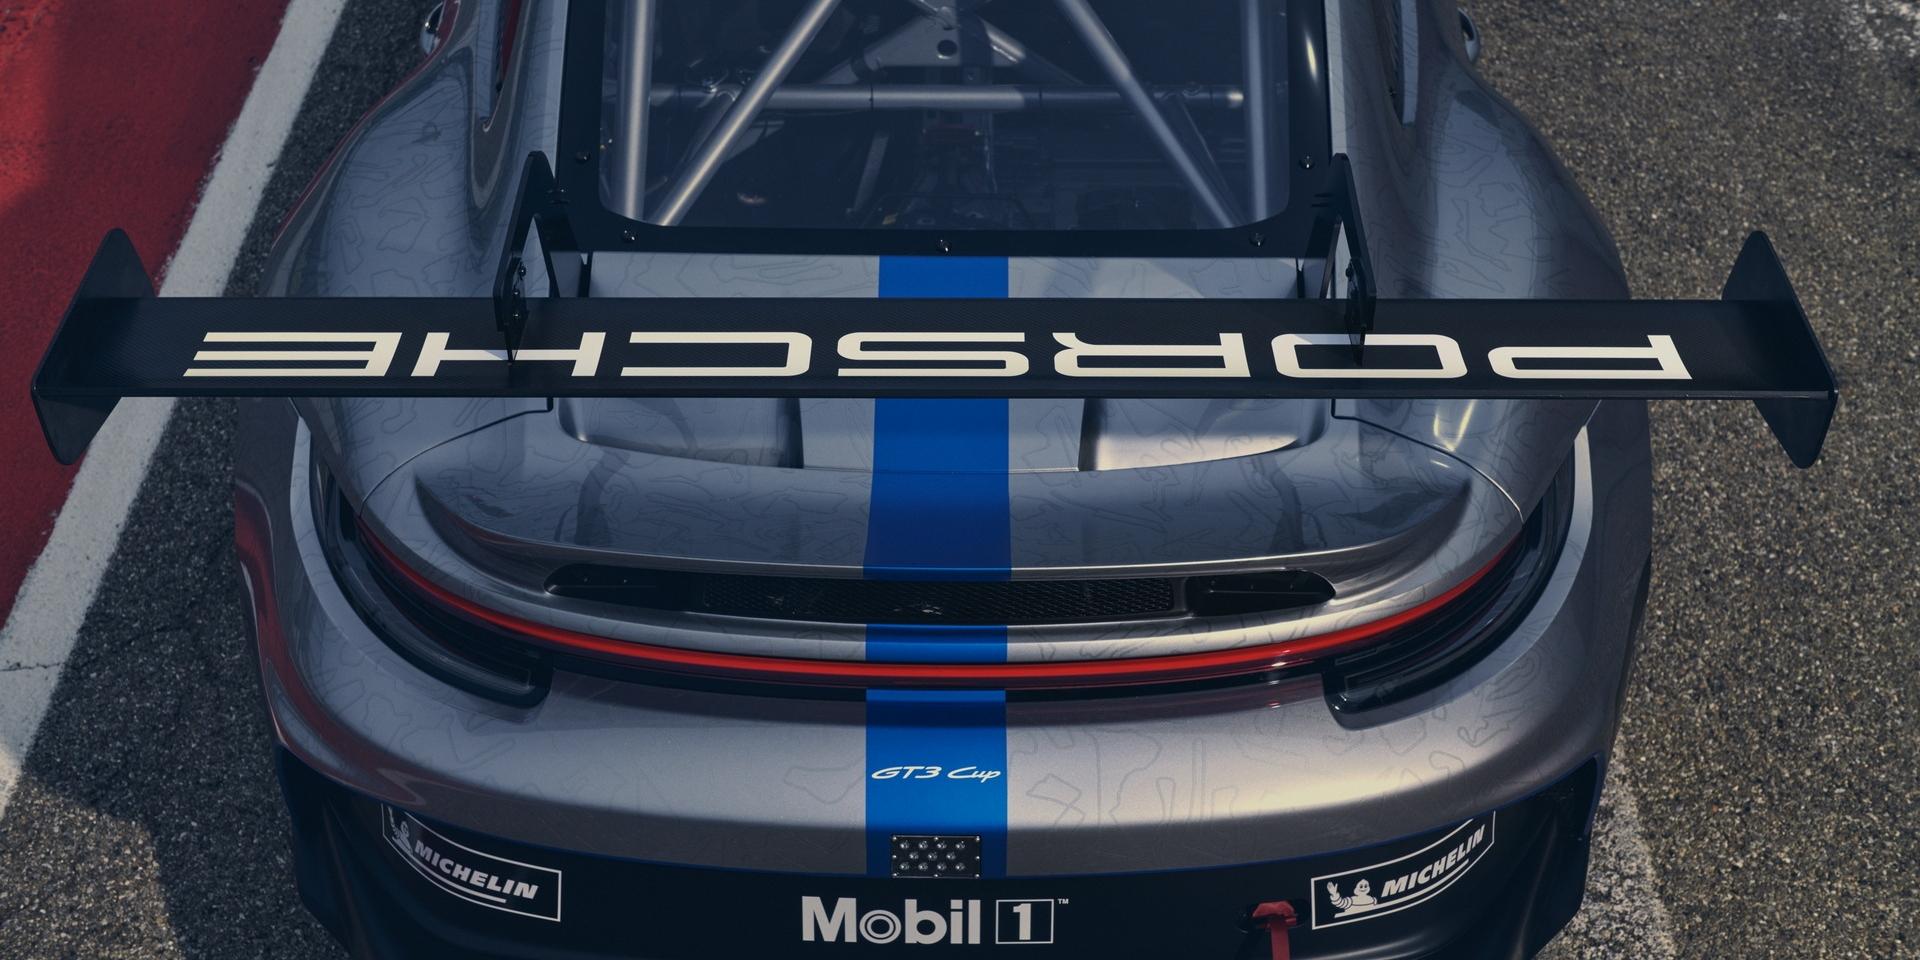 燃料導入綠色科技!Porsche與Exxon Mobil聯手開發環保燃料!